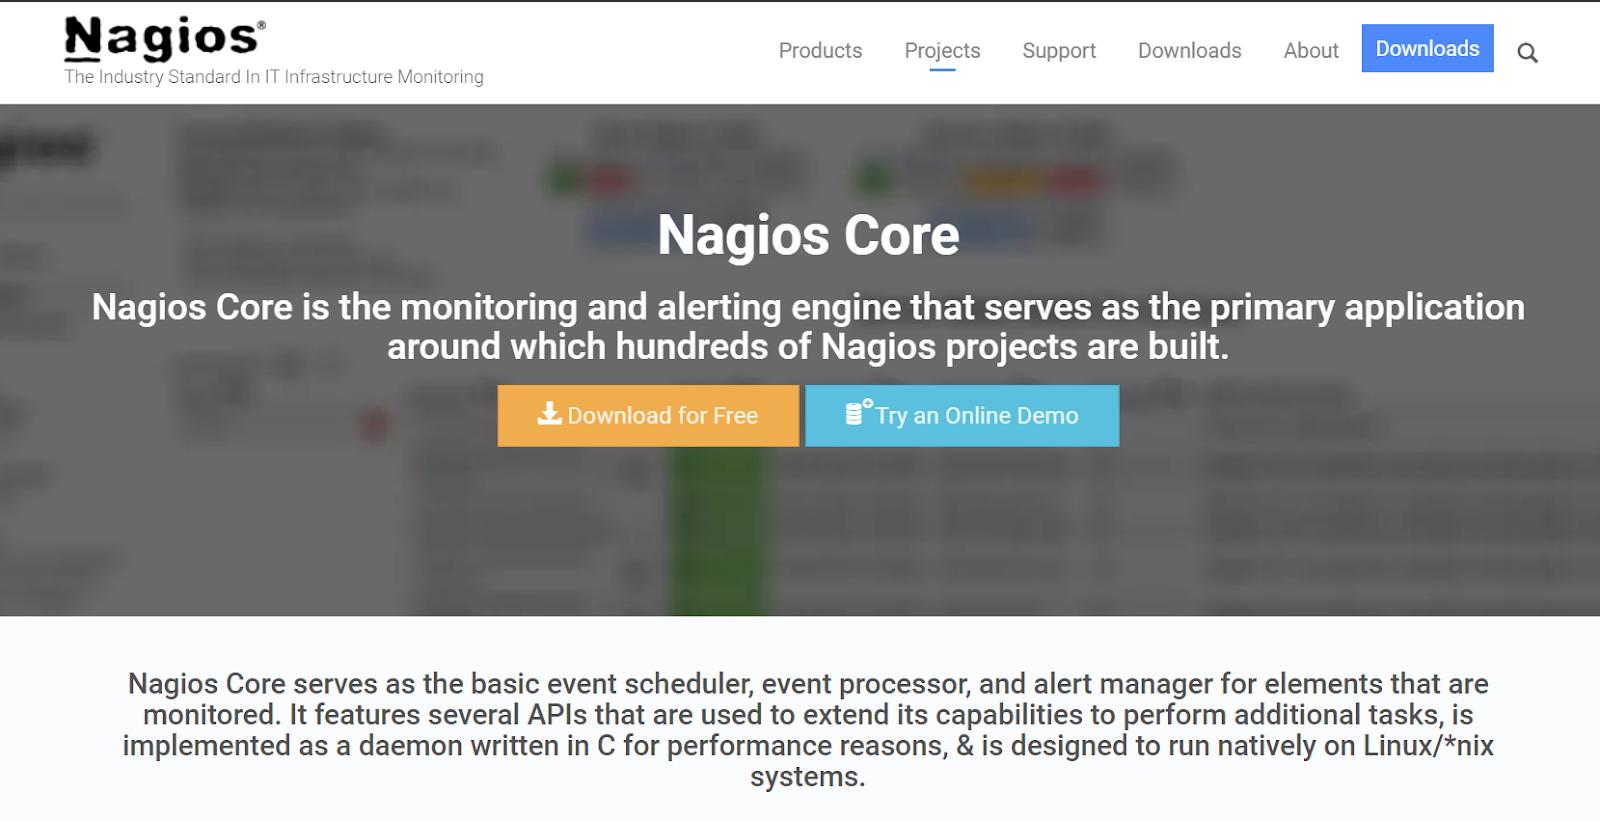 LAN Monitoring Tools - Nagios Core